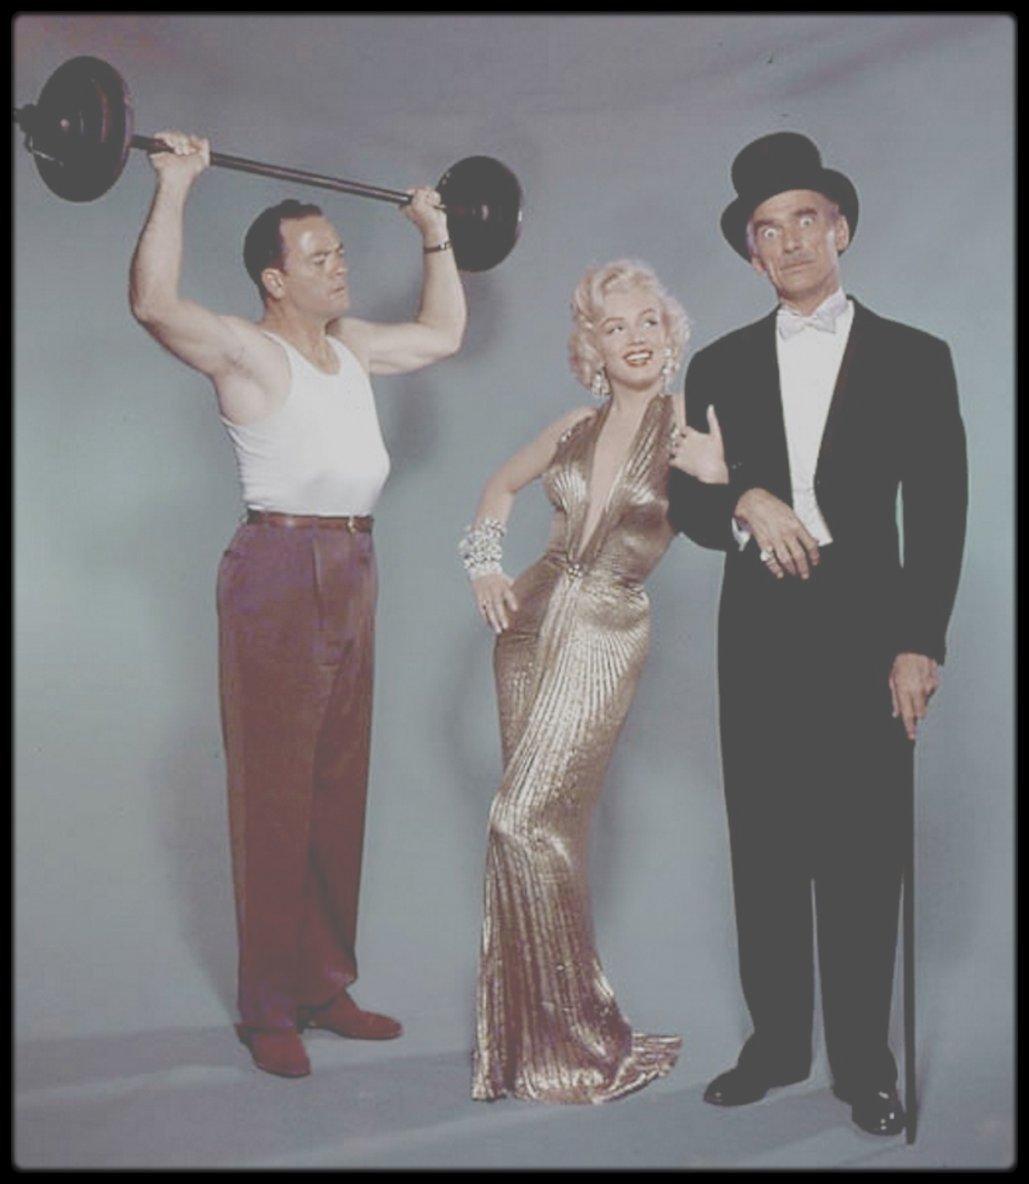 """HISTOIRE D'UNE ROBE / Le 9 Février 1953, afin de recevoir le prix de « La nouvelle star de l'année » que venait de lui décerner le magazine """"Photoplay"""", Marilyn se rendit au """"Beverly Hills Hotel"""" moulée dans une robe plissée lamée prétendument cousue sur elle puisqu'elle ne possédait ni bouton ou fermeture éclair. La légende prétant que Marilyn ne put enfiler la chose qu'après des heures d'irrigation colonique mais cette rumeur n'est pas assez suave pour que nous la colportions ici. L'histoire est en tout cas célèbre : cette robe, largement ouverte dans le dos et à l'origine décolletée jusqu'au nombril mais là quelque peu relevée, fit le lendemain la une de toute la presse et déclencha la fureur de Joan CRAWFORD, qui entama une croisade très médiatique contre Marilyn et la déchéance morale qui, de toute évidence, guettait Hollywood. Marilyn fut, déclara-t-elle, meurtrie par une telle attitude, d'autant qu'elle estimait Joan, si gentille avec elle au début de sa carrière… Marilyn accéda ce jour là à une notoriété qui ne s'arrêtera jamais et la robe contribua à faire de la « vedette de l'année » une icone, une robe dont elle est désormais totalement indissociable : c'est d'ailleurs la tenue la plus vendue de la """"Barbie Marilyn"""", juste devant la robe blanche de « 7 ans de réflexion ». Une robe donc, que Marilyn faillit pourtant ne pas porter. Une robe qui a une histoire, que nous allons à présent vous raconter.  Tout commence en 1951 dans les studios de la Fox où le jeune chef costumier, William TRAVILLA, transpire sur le prochain film de Ginger ROGERS, « Dreamboat ». TRAVILLA, auréolé d'un oscar pour son travail chez Warner sur « Les aventures de Don Juan » avec Errol FLYNN était entré à la Fox en 49. Et il était encore sous le charme de sa récente rencontre avec une jeune starlette du studio, une certaine Marilyn MONROE qu'il habillera dans 8 films mais il l'ignore encore. TRAVILLA était en tout cas assez fier de la robe lamée qu'il venait de créer pour Ginger, une r"""